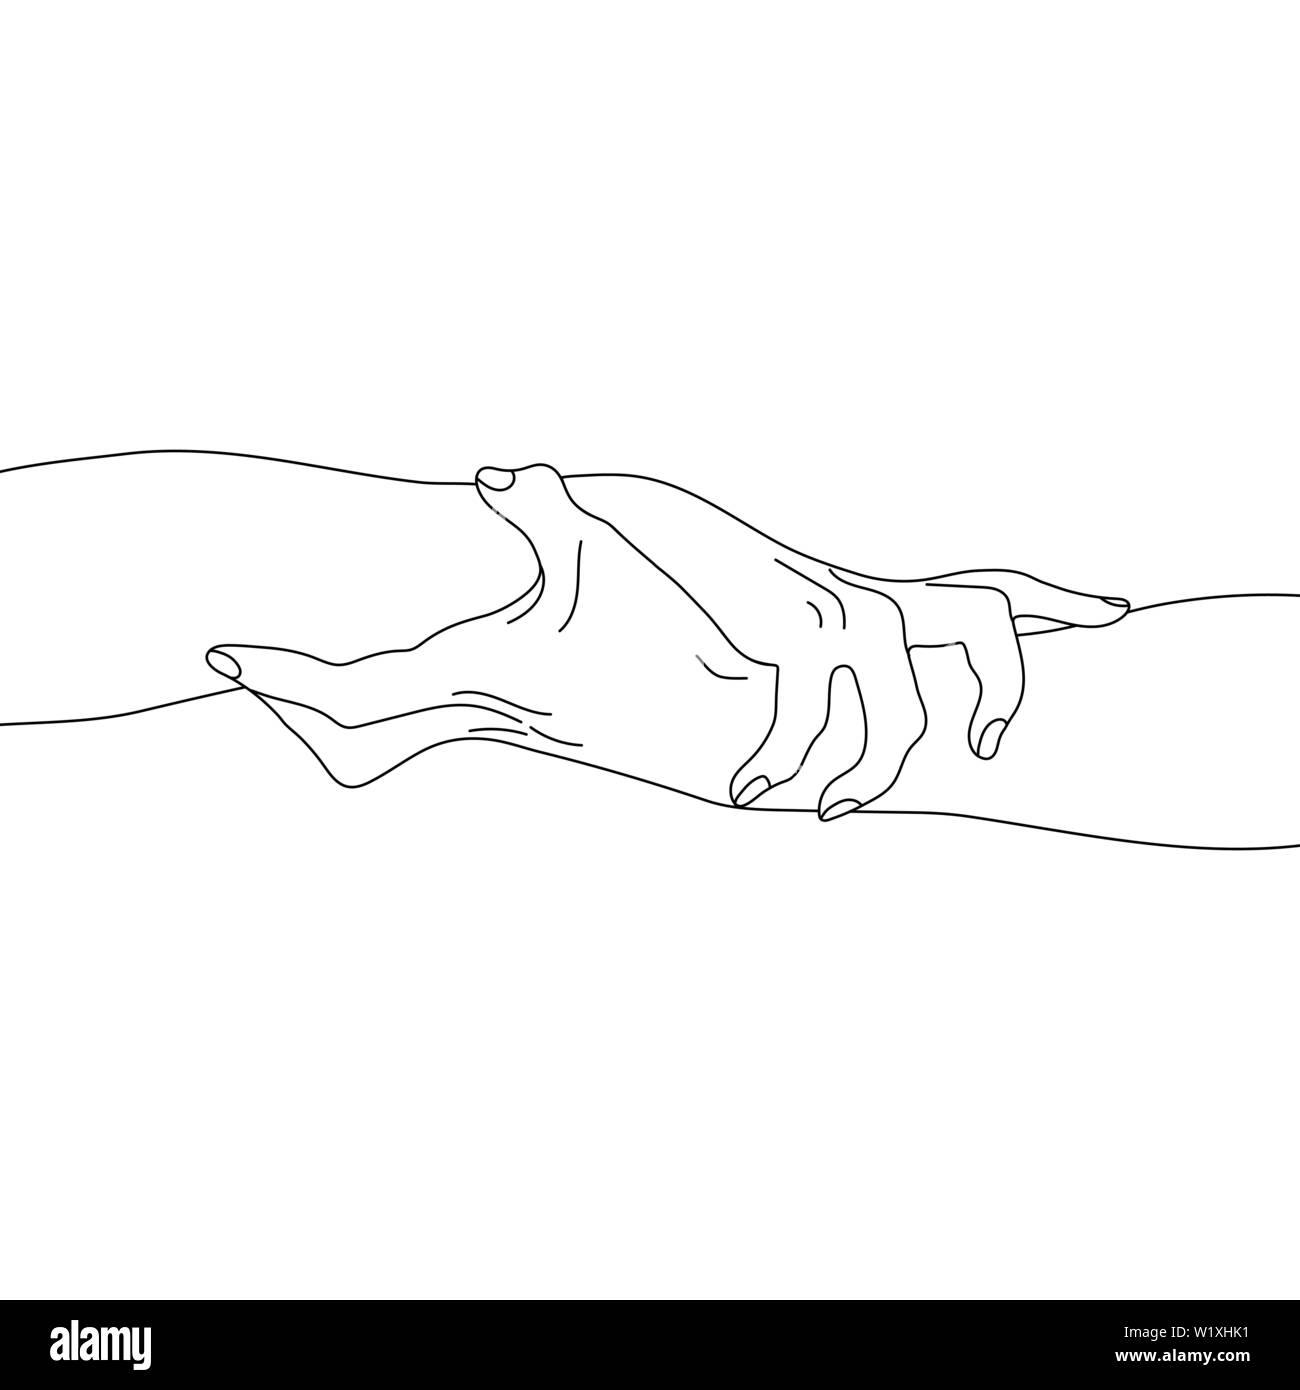 Hände halten auf weißem Hintergrund. Team, Partner Alliance Konzept. Skizzieren Beziehung Symbol. Vector Illustration für Ihr Design Stock Vektor